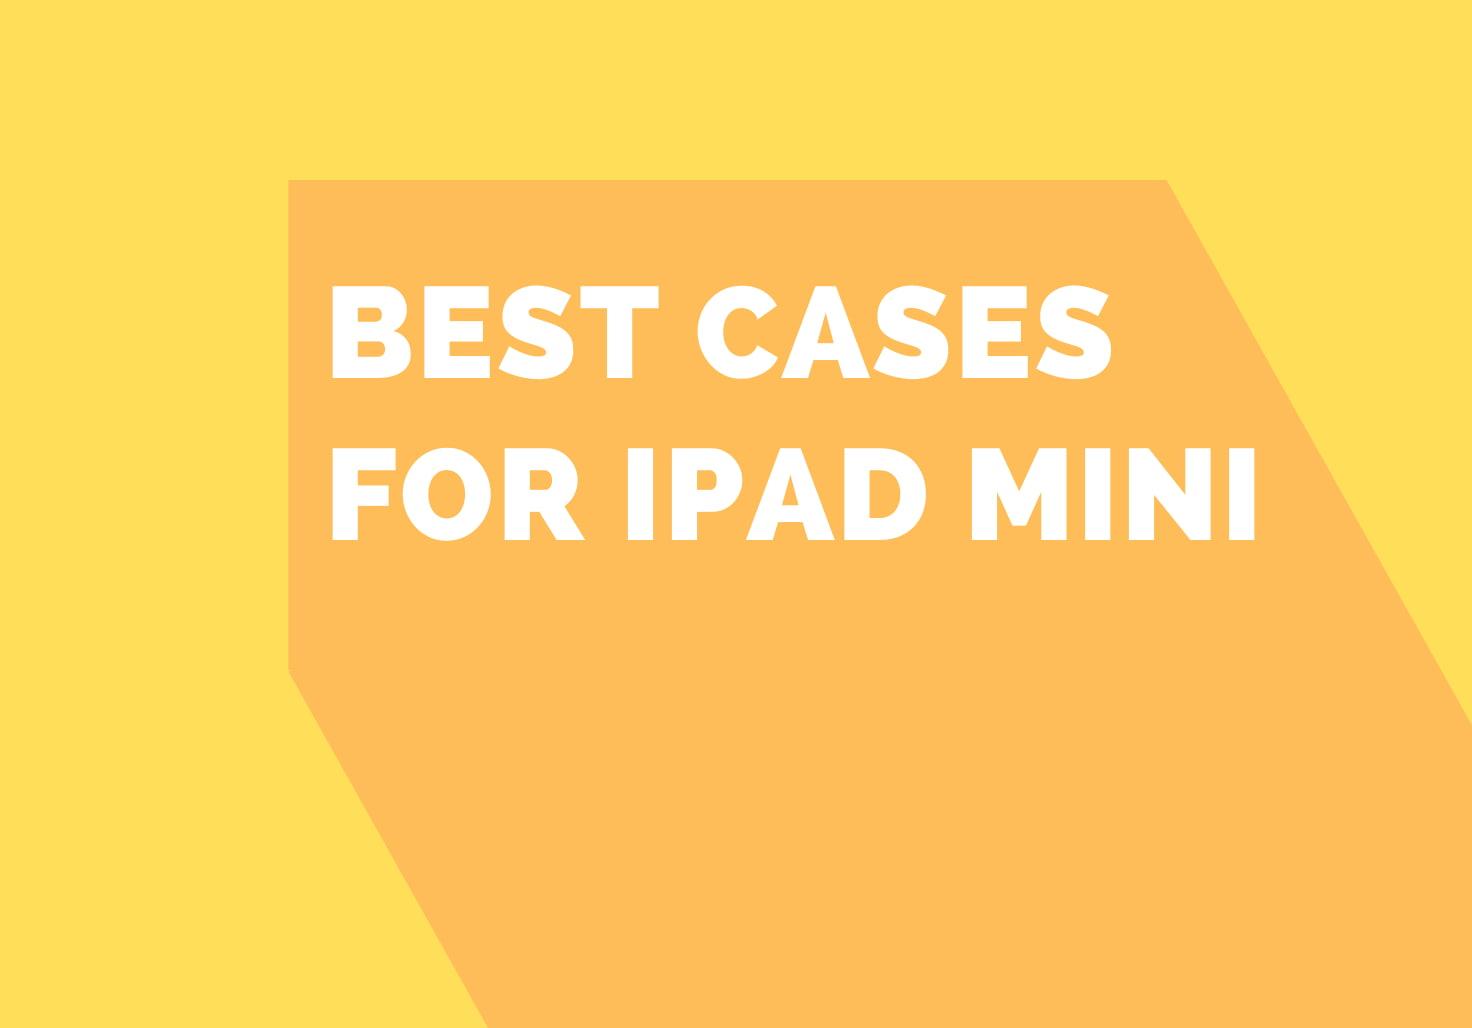 best cases for ipad mini